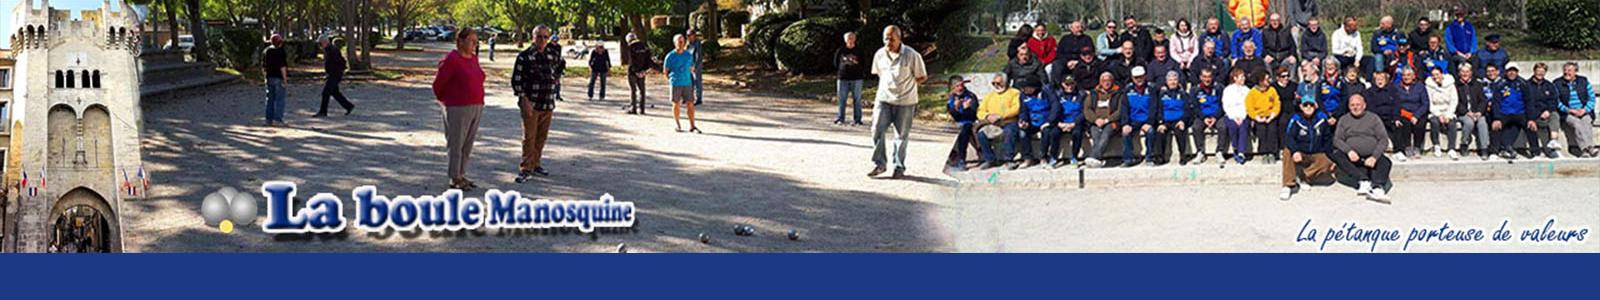 LA BOULE MANOSQUINE : site officiel du club de pétanque de MANOSQUE - clubeo